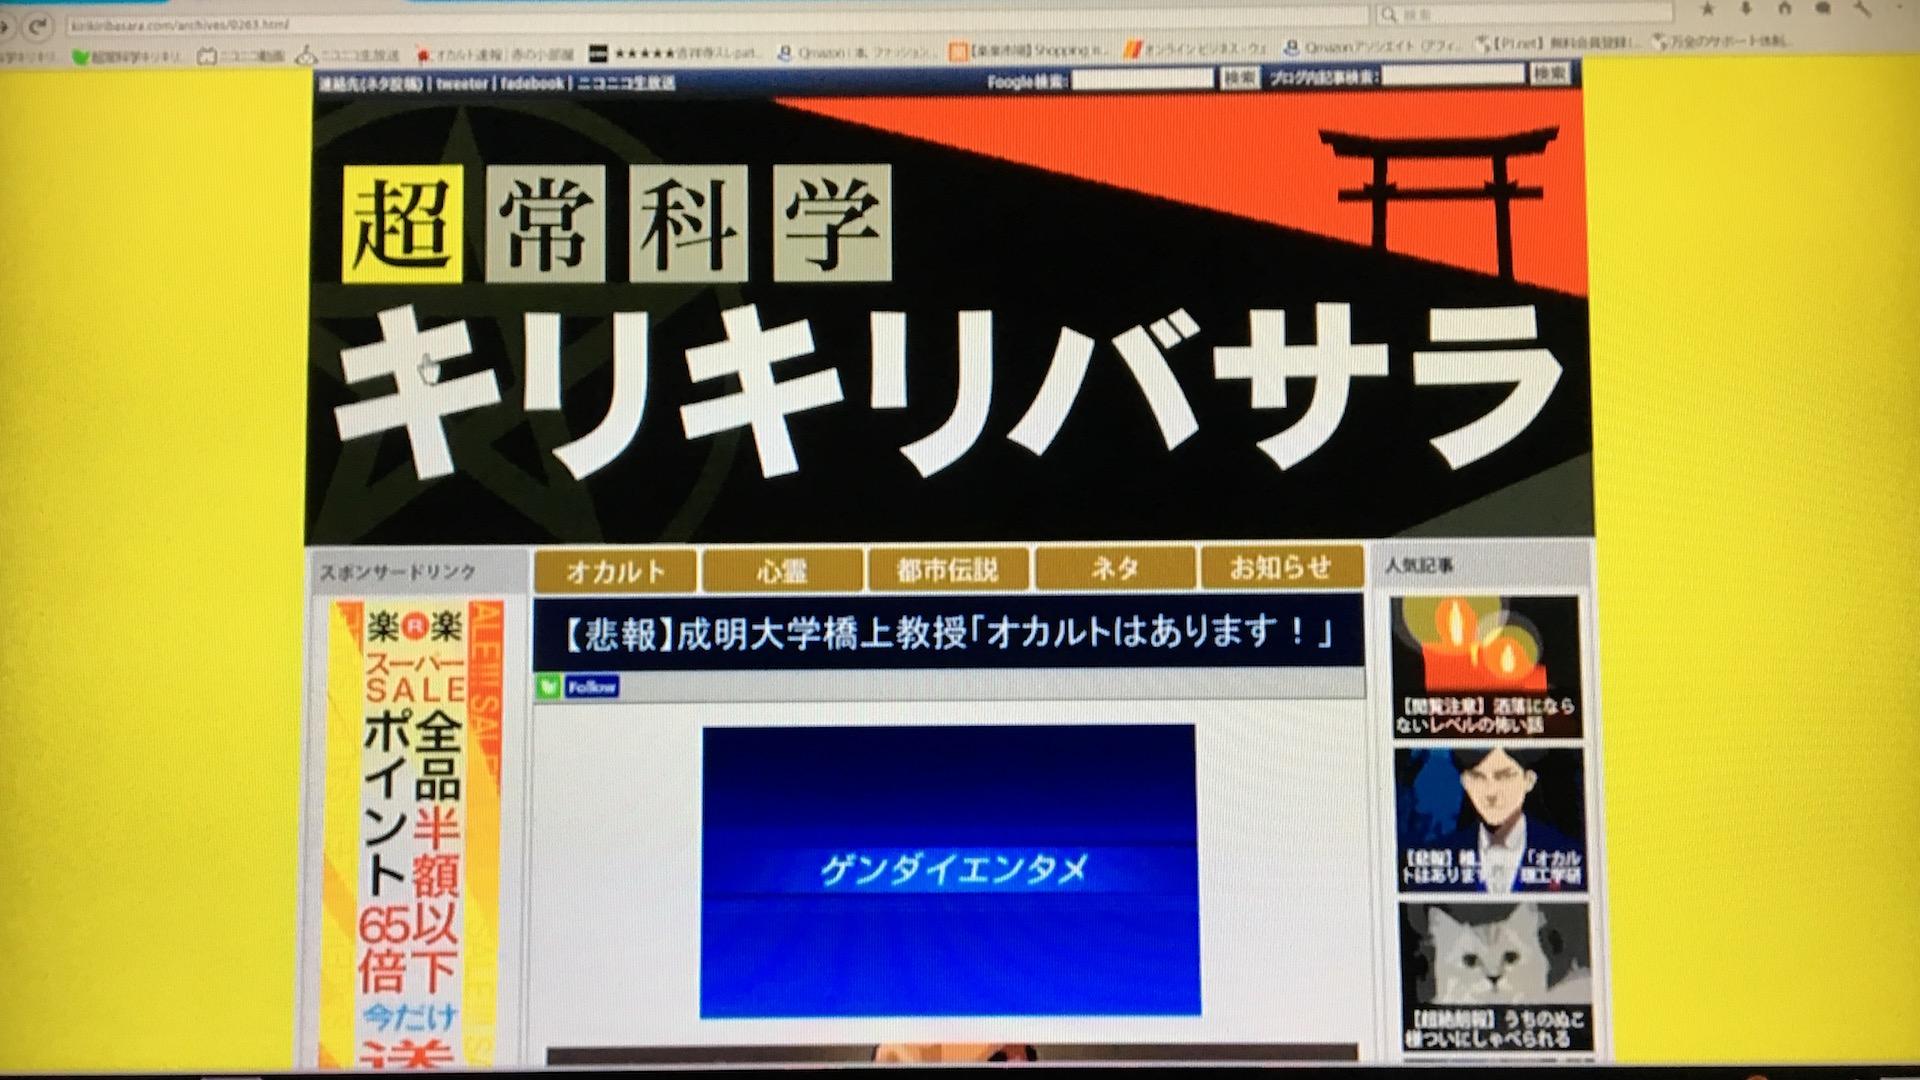 f:id:t_aki:20171119154908j:plain